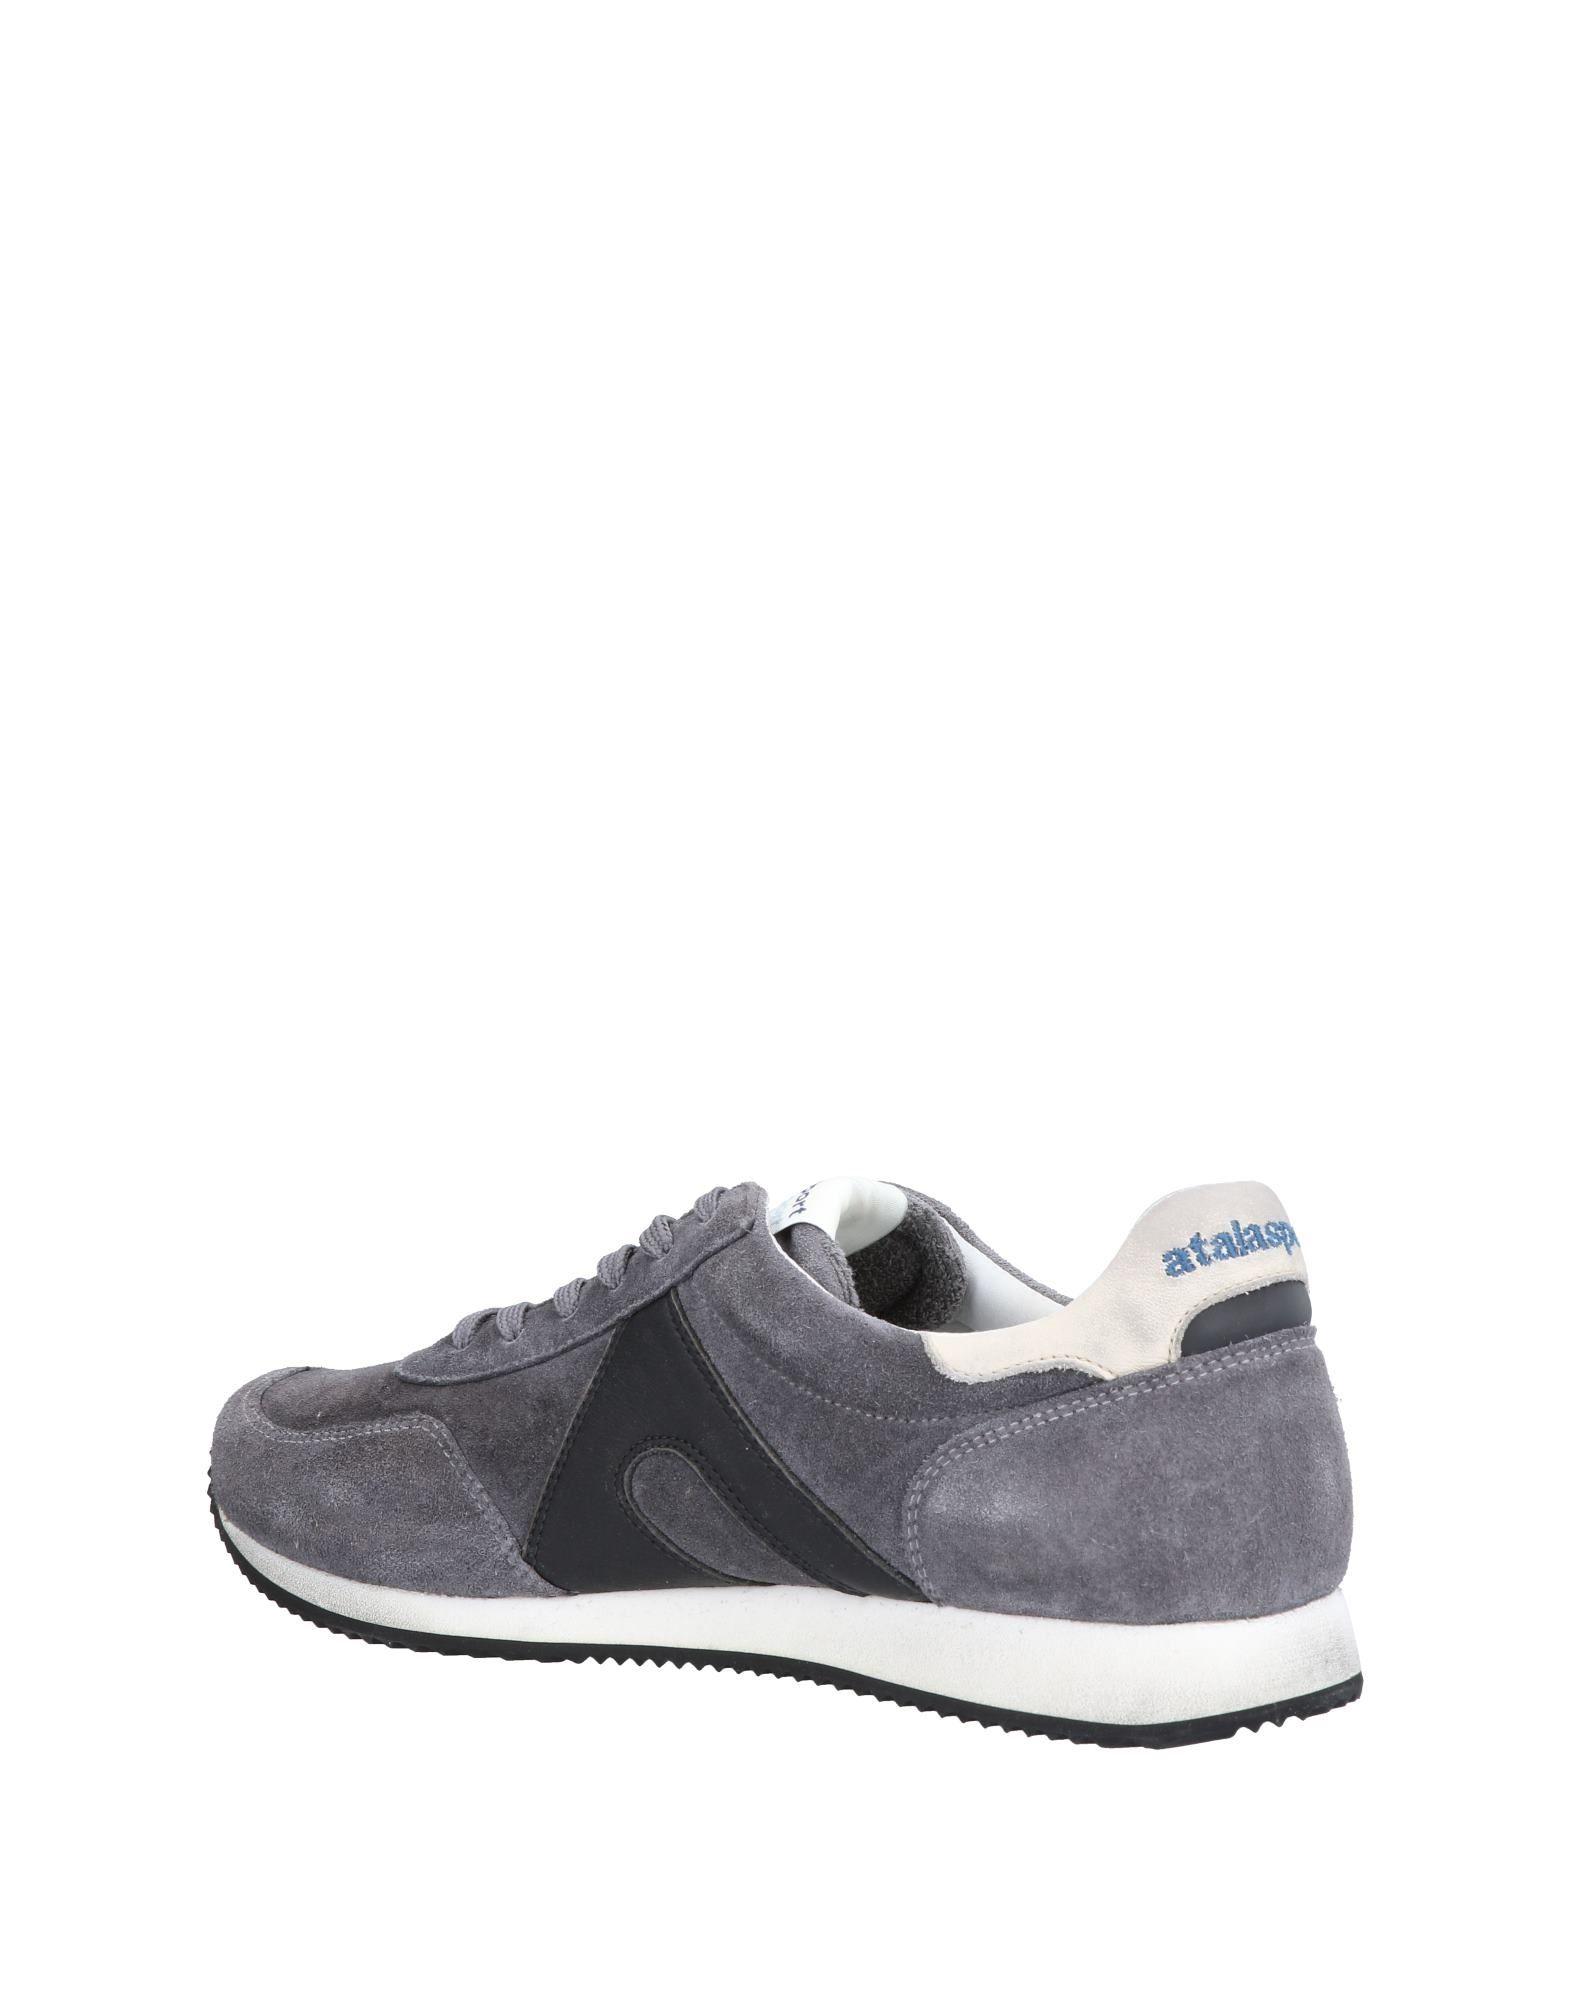 Atalasport Sneakers Herren Herren Sneakers  11489353KJ 986506